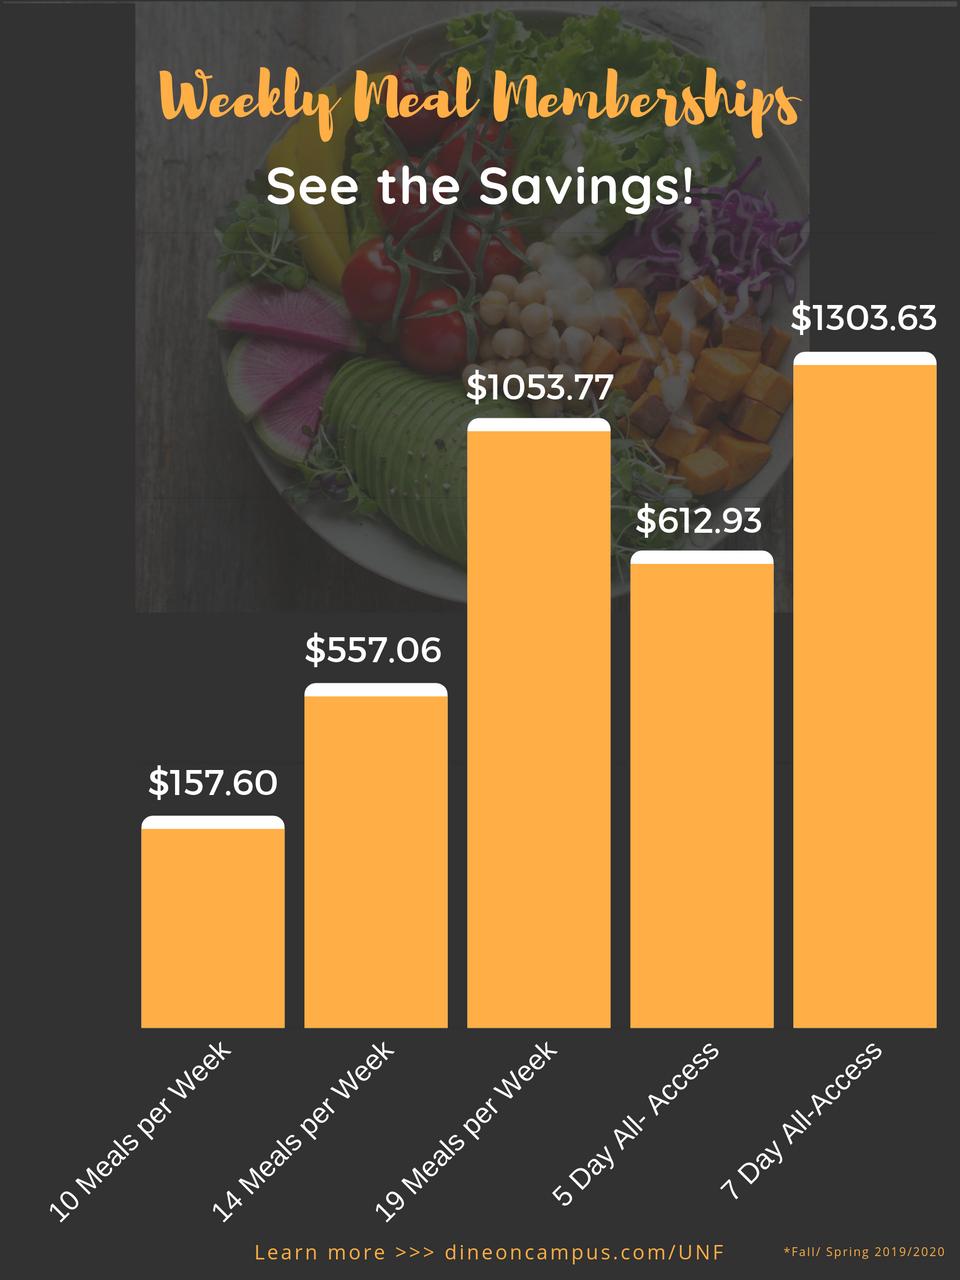 Weekly Membership Savings by Plan.